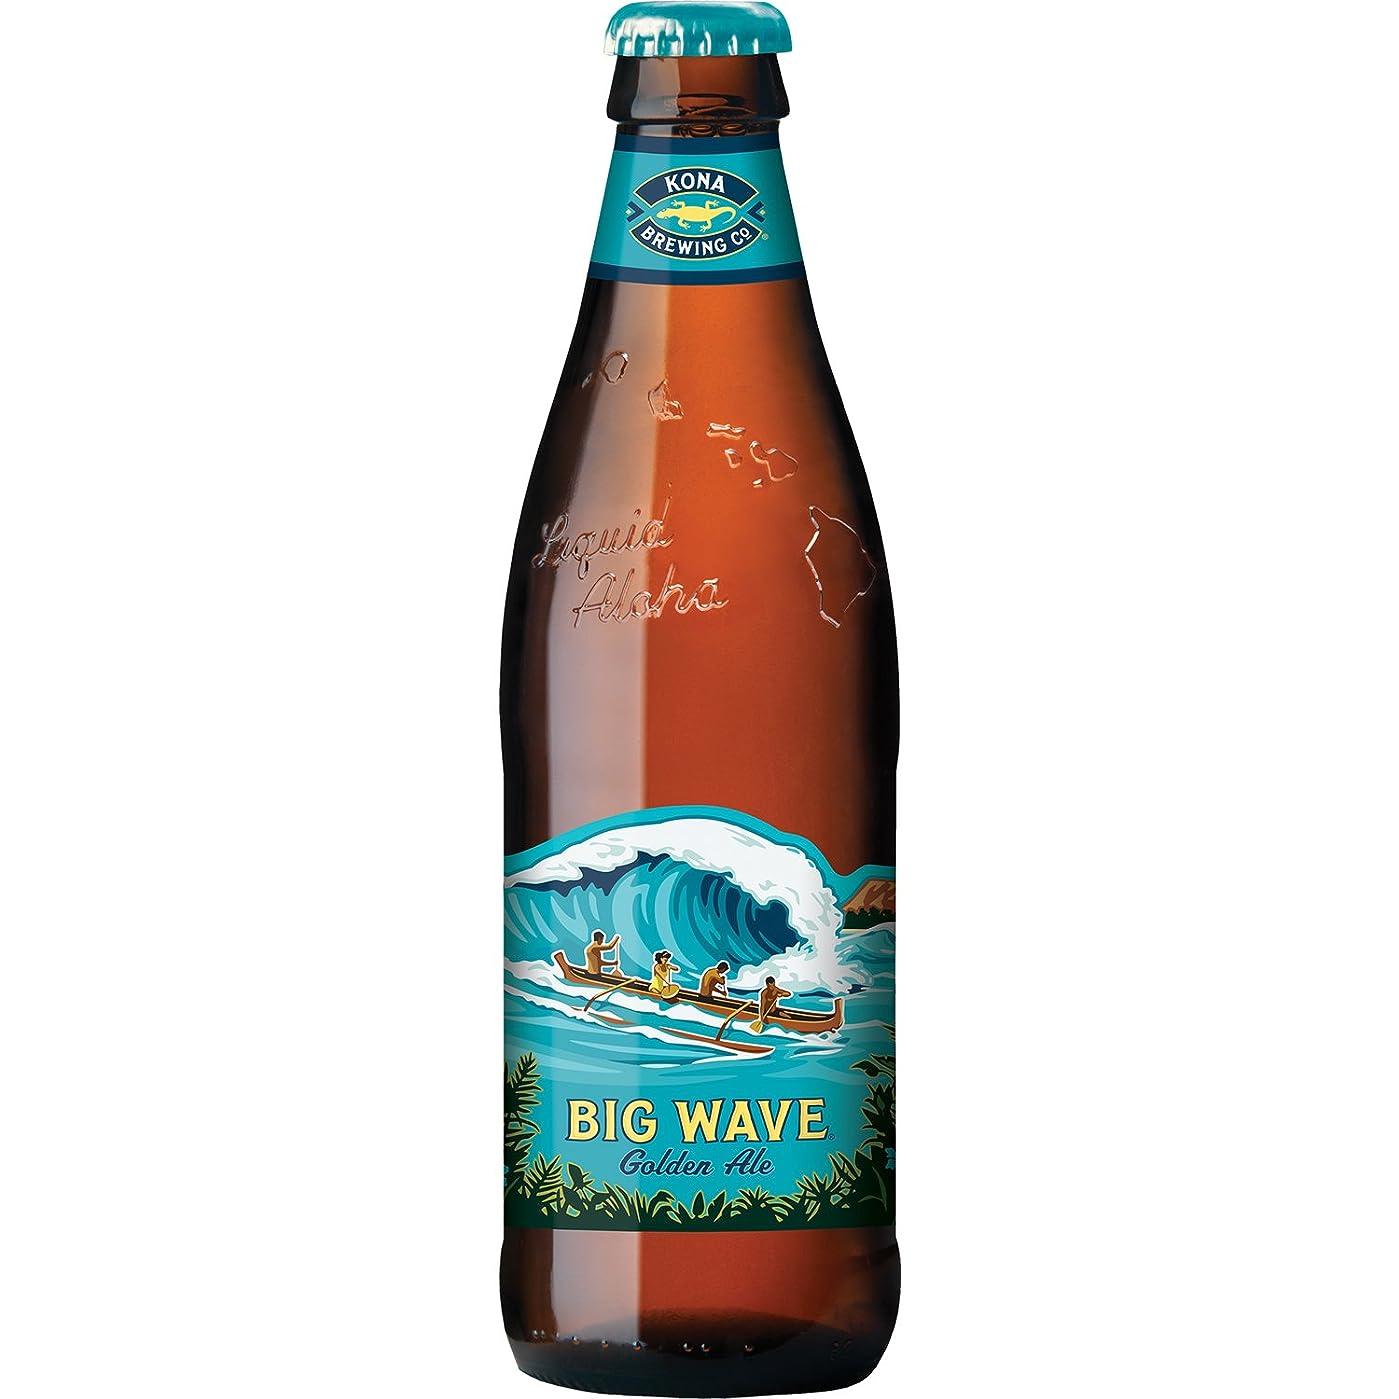 部族スリップお願いしますコナビール ビッグウェーヴ ゴールデンエール 瓶 [ エールタイプ アメリカ合衆国 355mlx24本 ]